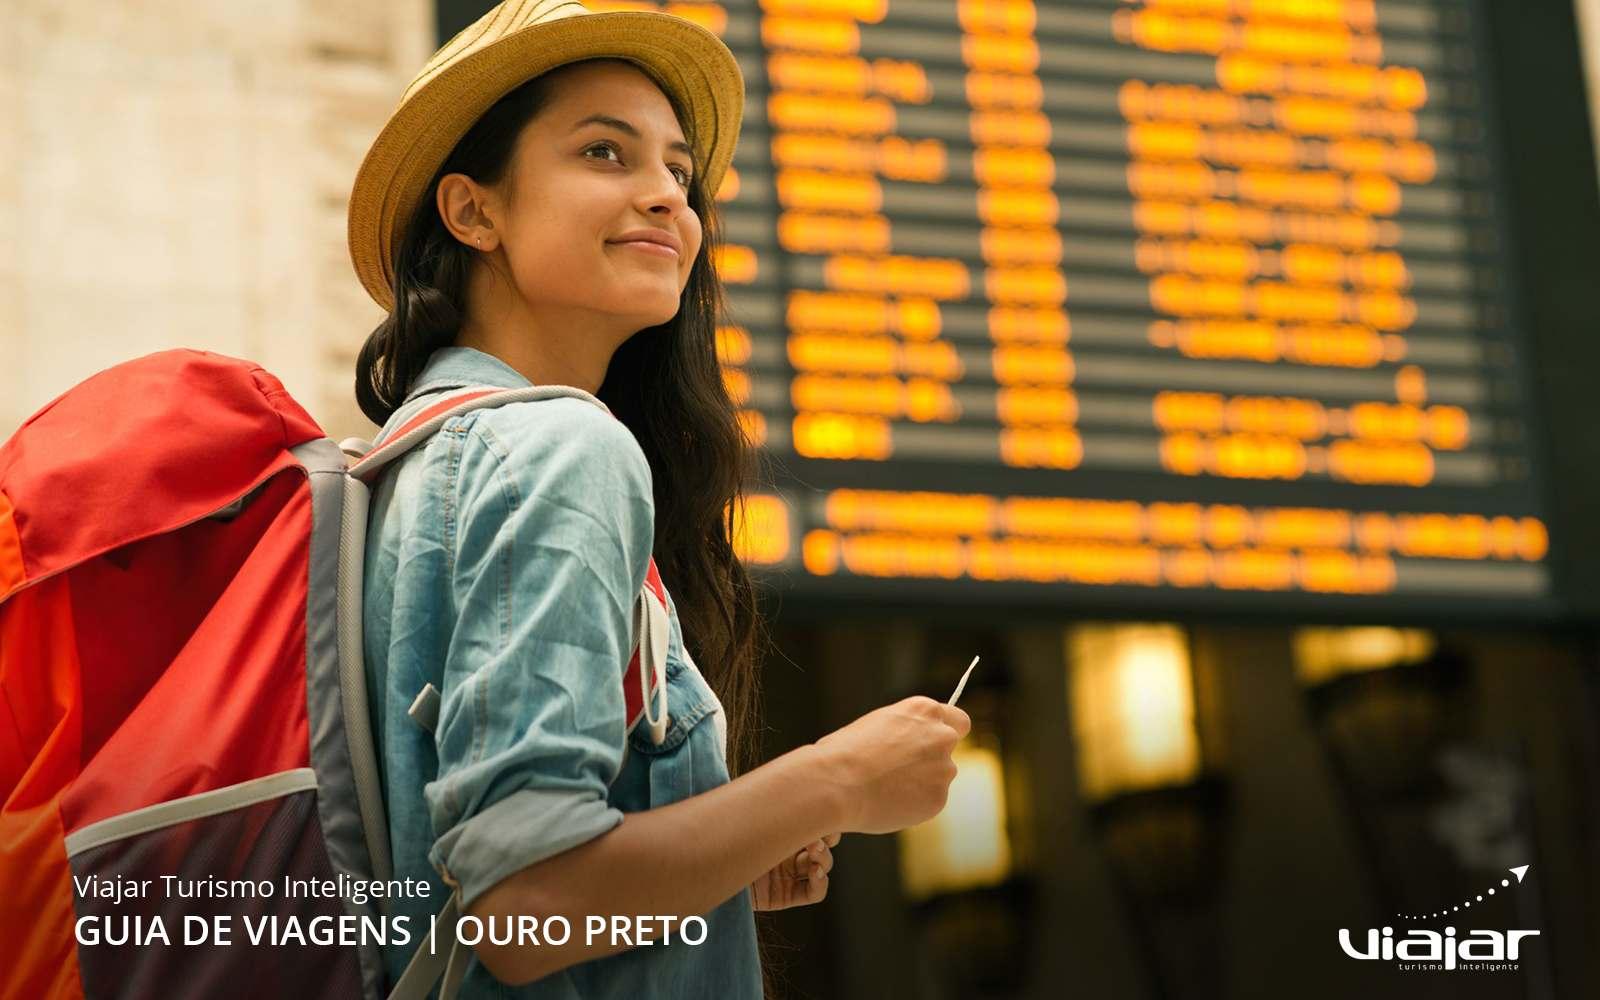 viajar-turismo-inteligente-belo-horizonte-conheca-ouro-preto-minas-gerais-01